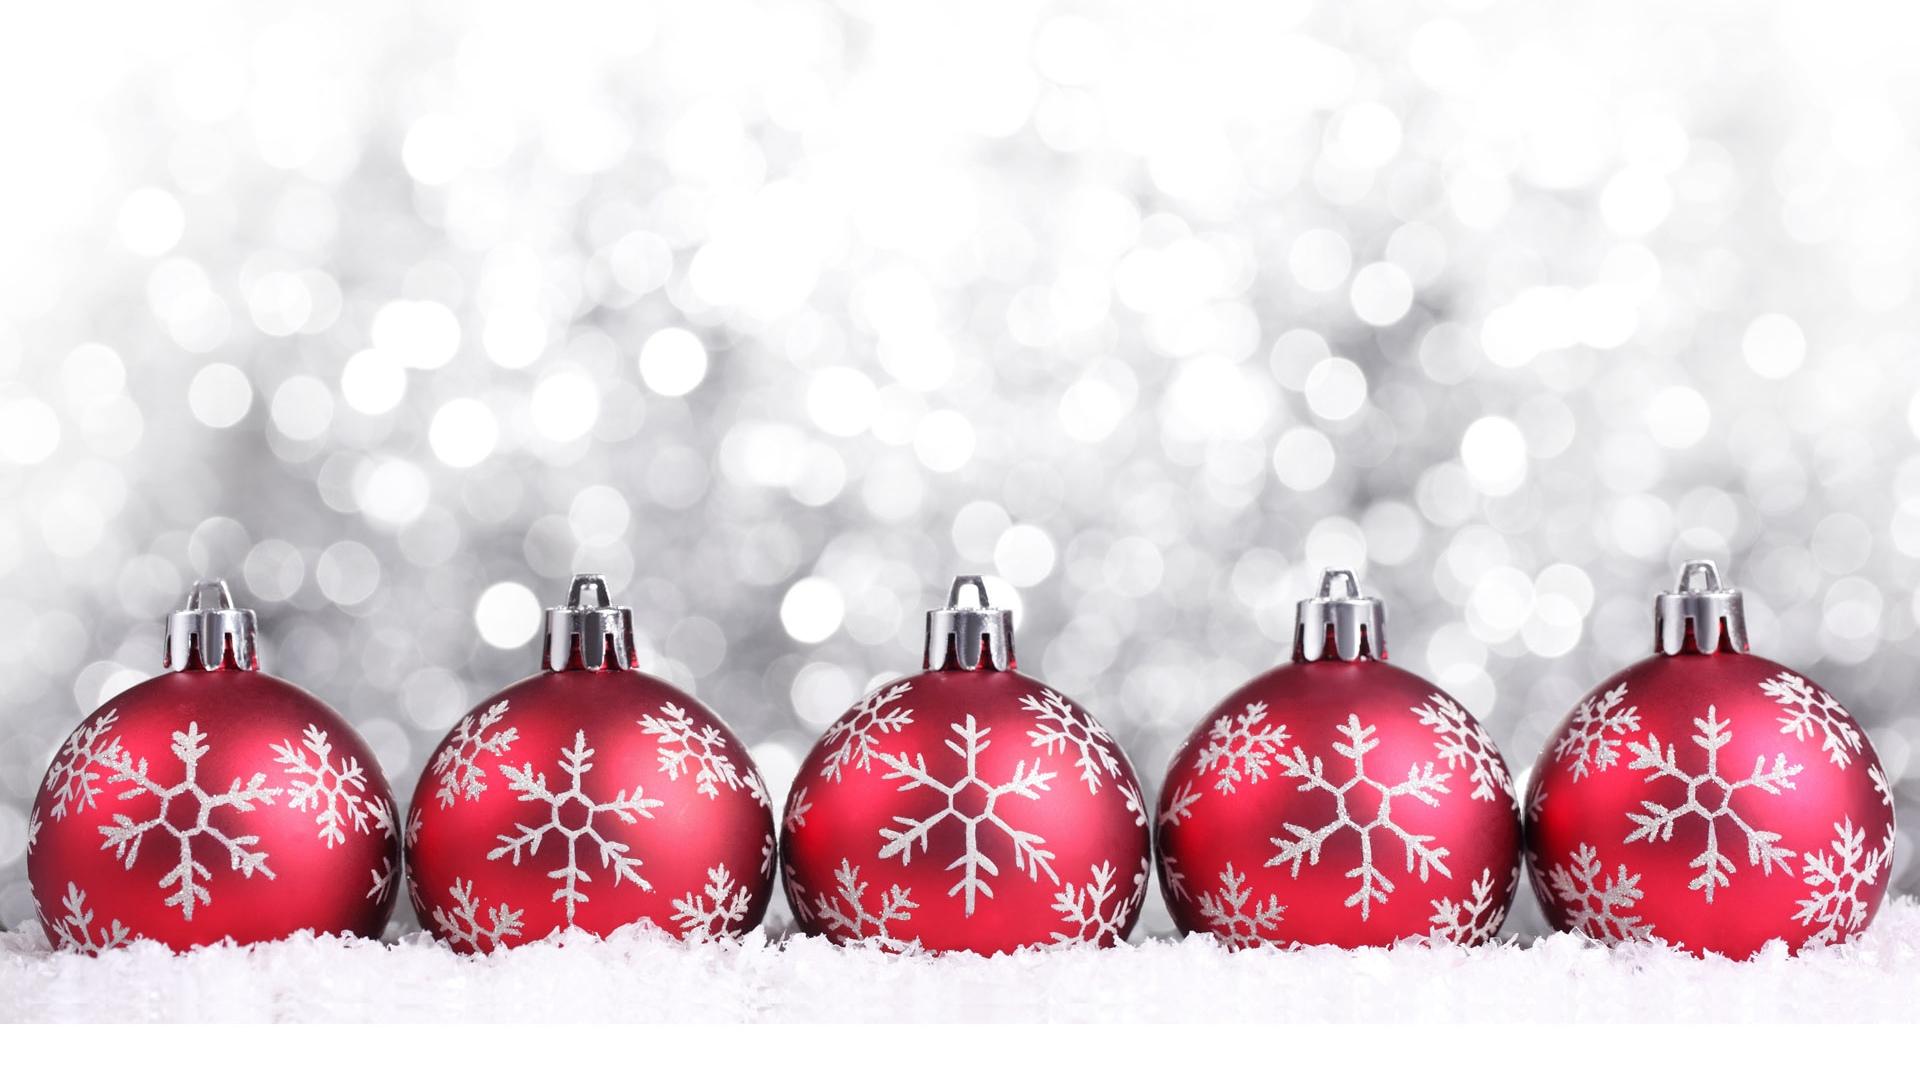 Sfondi Natalizi Jpg.Sfondo Natale Jpg Scuola Di Ateneo Architettura E Design